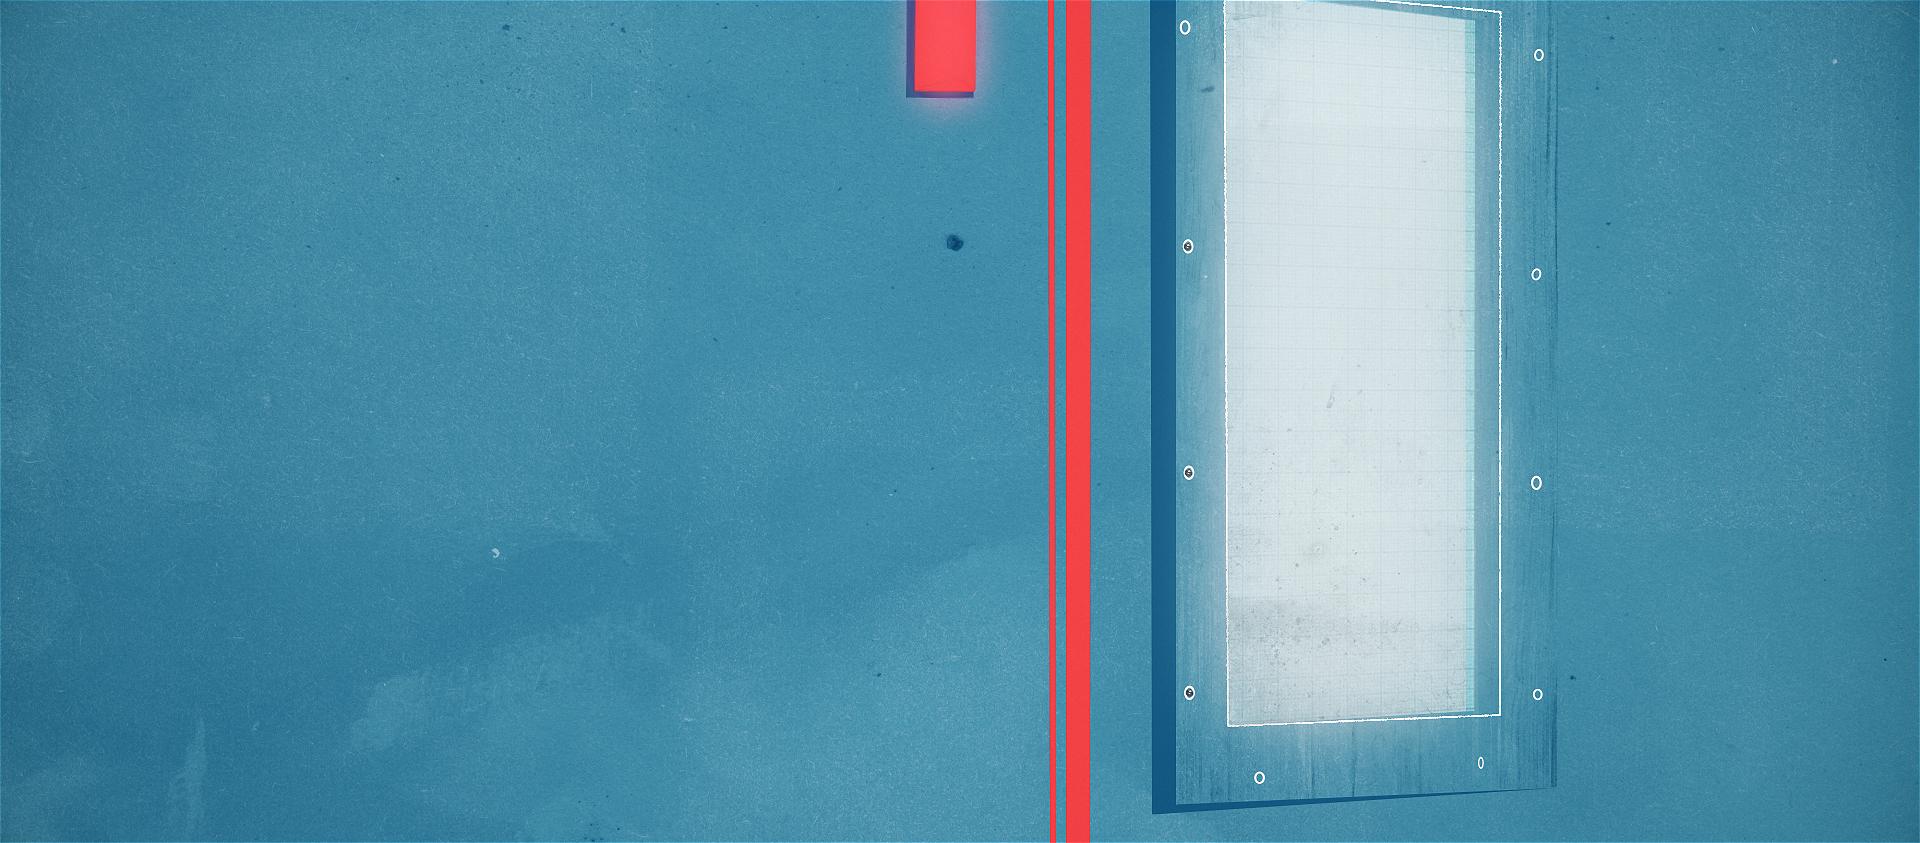 2_Closed-door-(0-00-00-00)